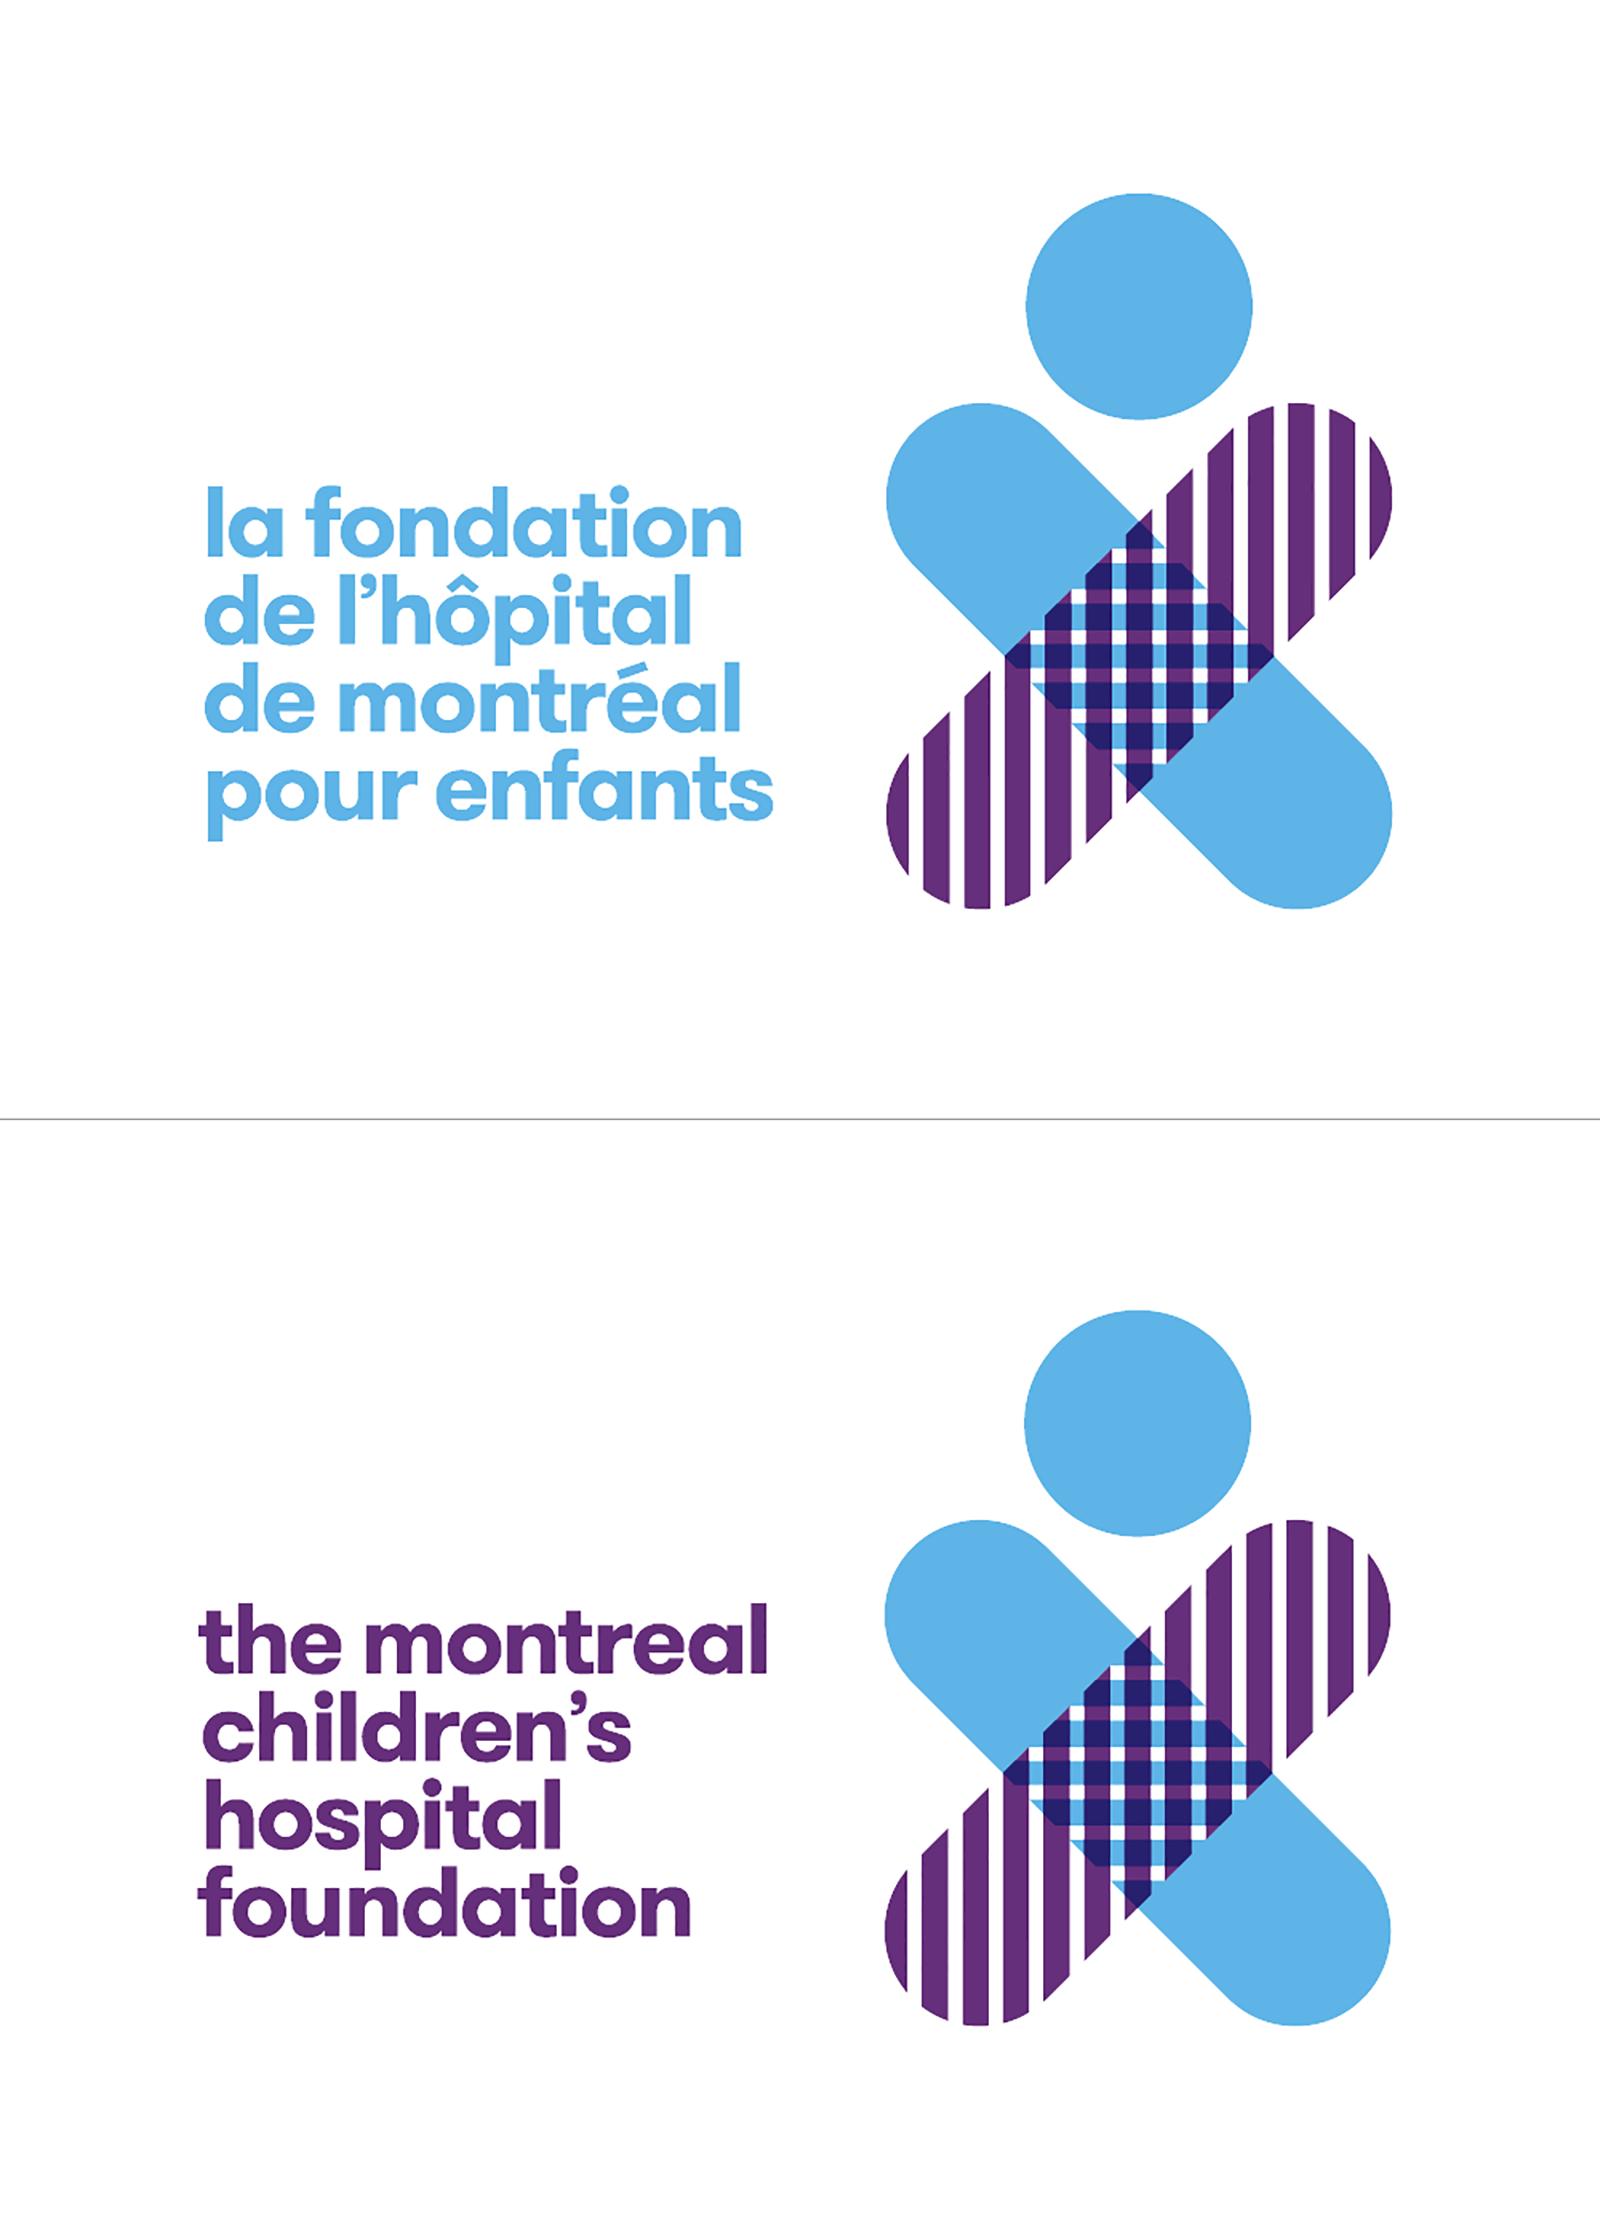 蒙特利爾兒童醫院基金會啟動新的logo和形象-VI設計2